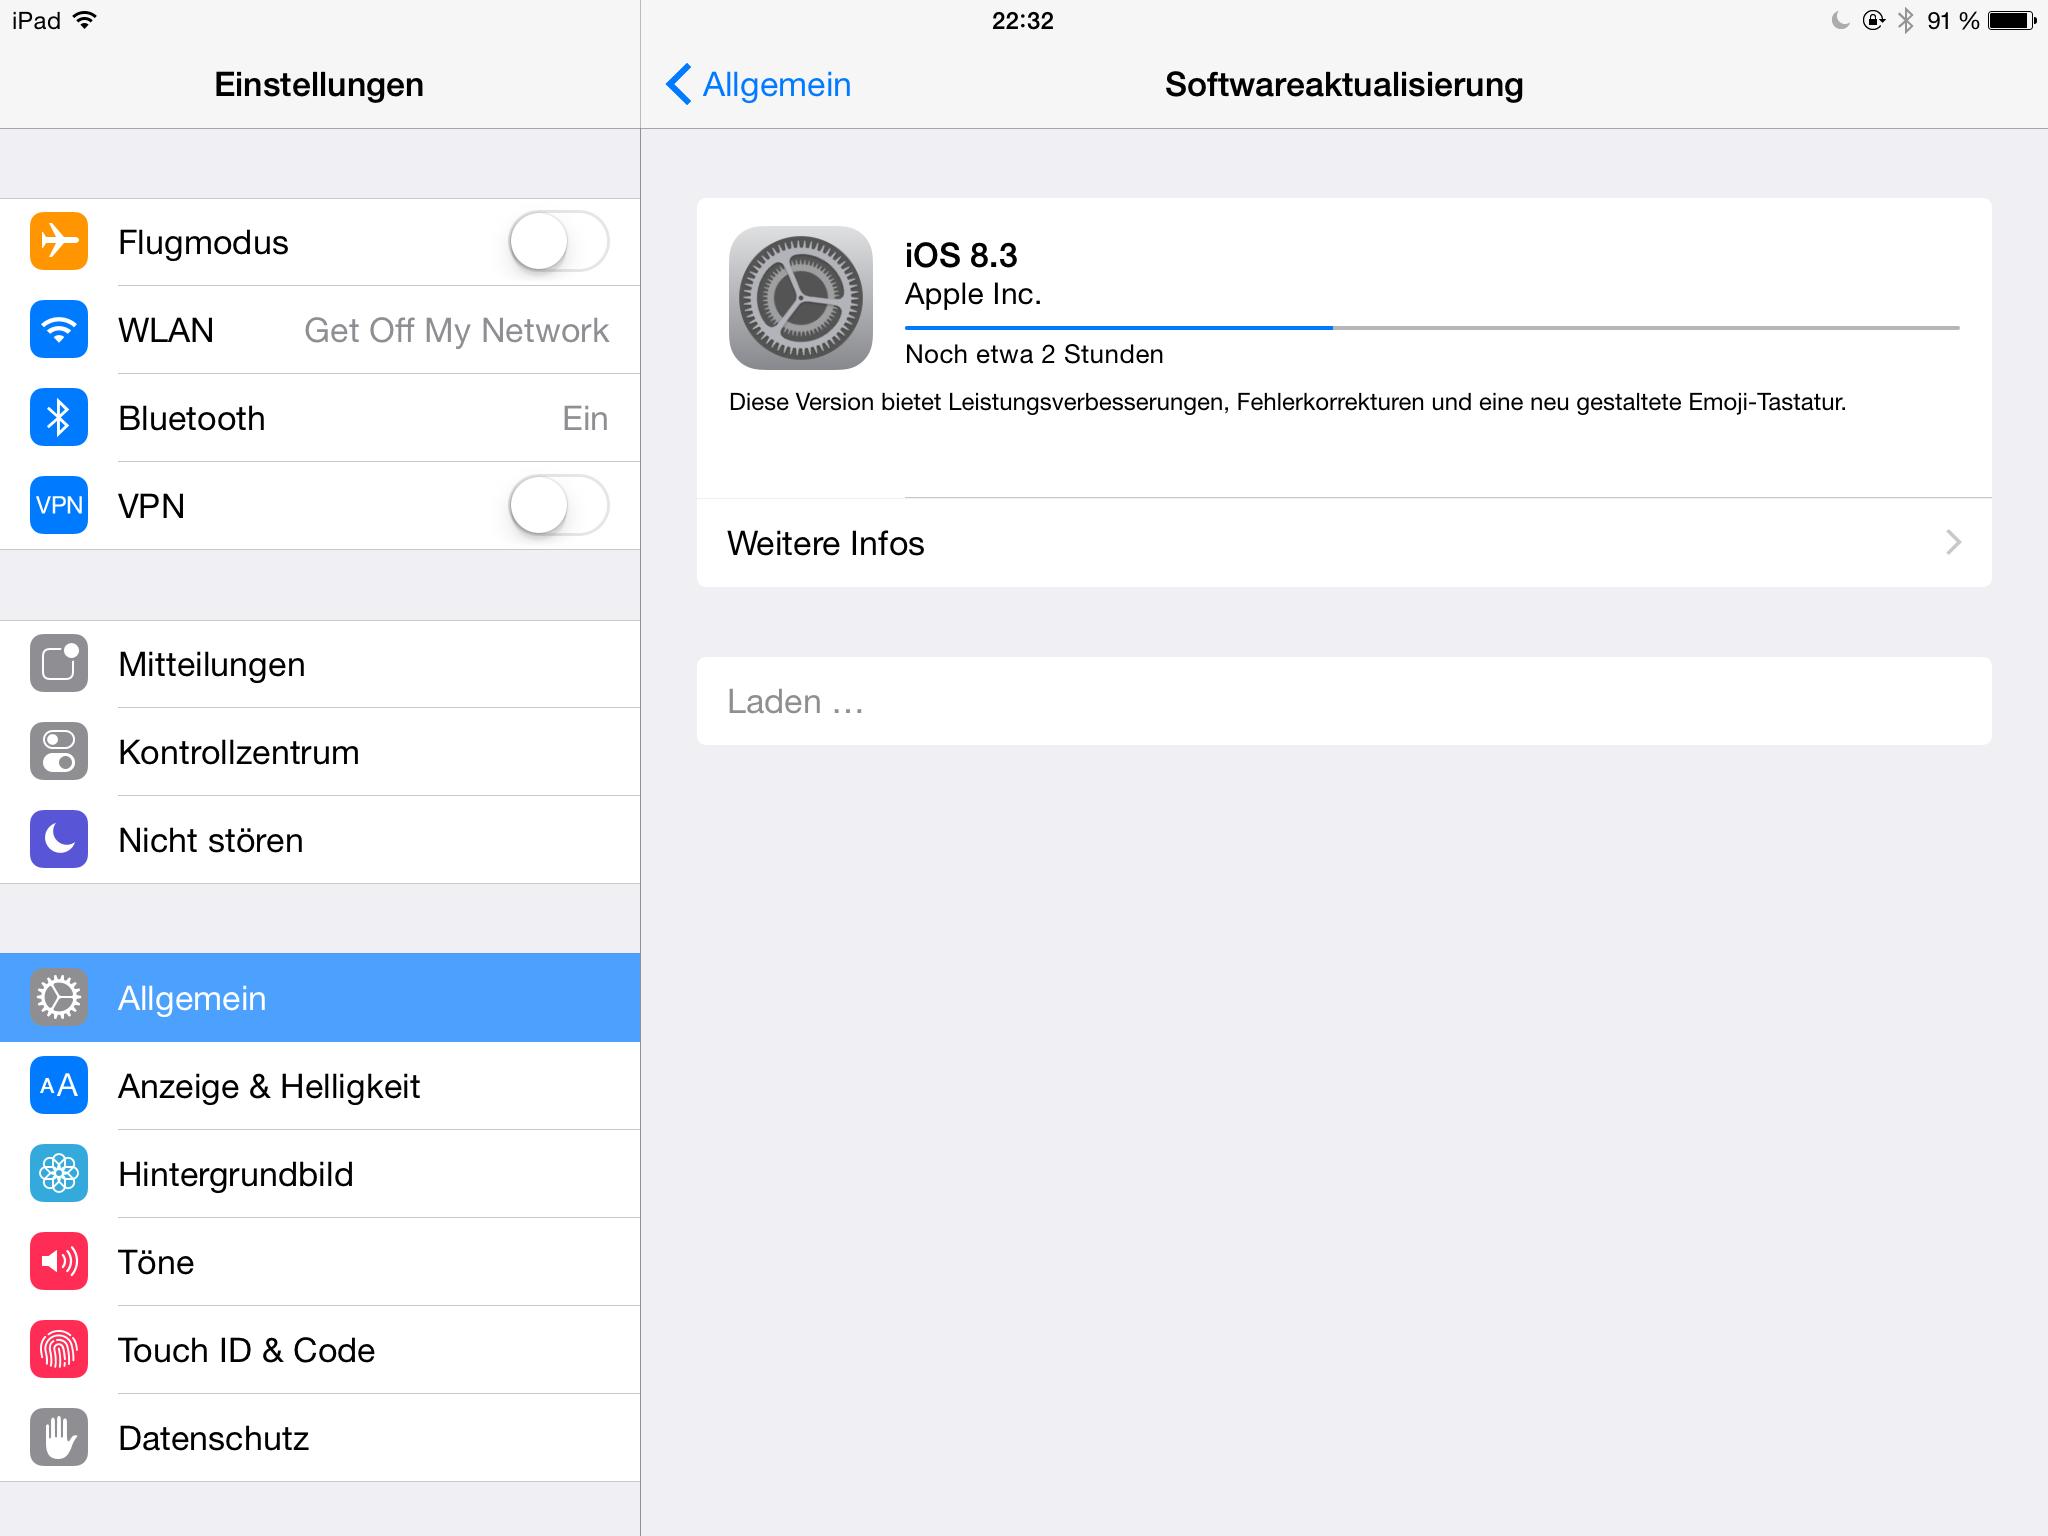 iOS 8.3 - Download auf dem iPad